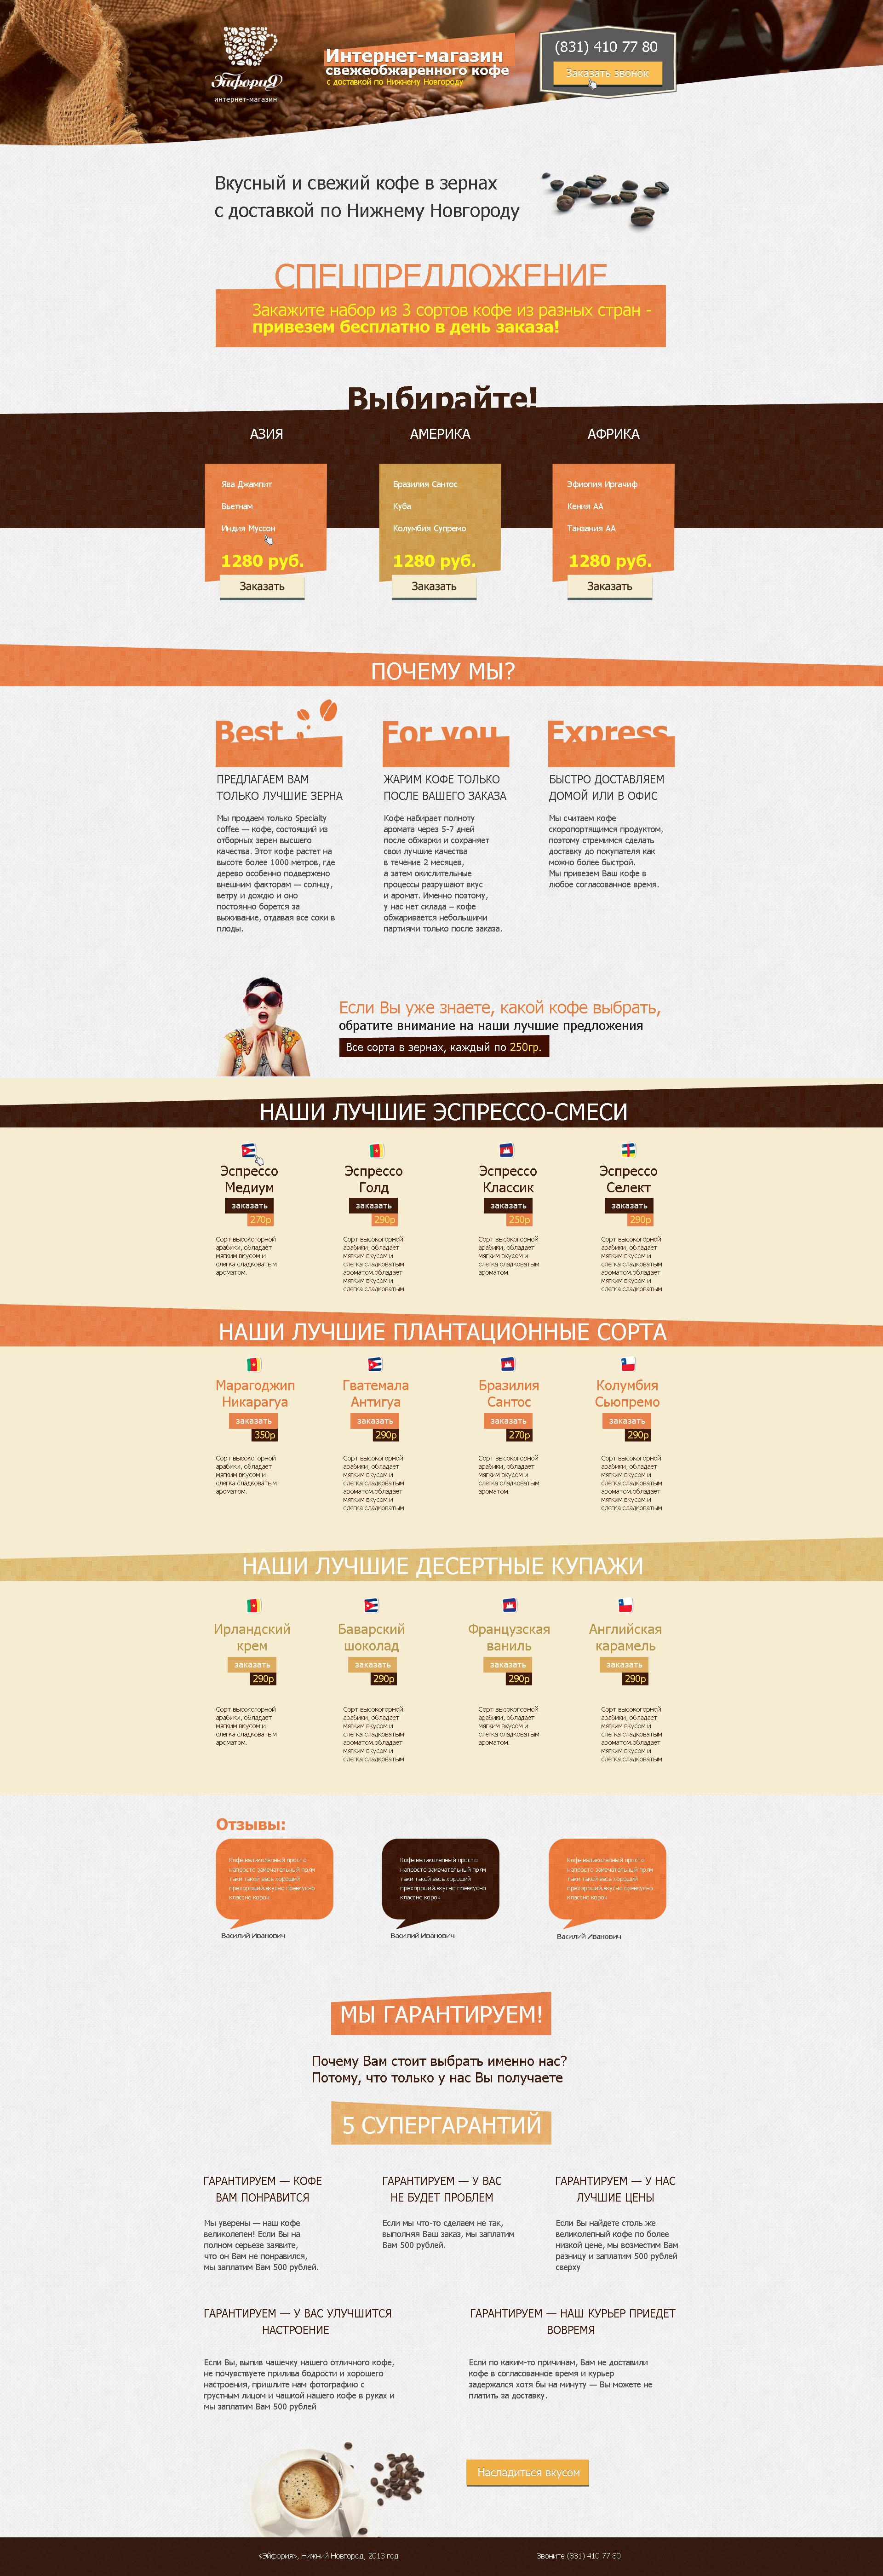 Текст рекламы для интернет магазина оптимизация сайтов гугл